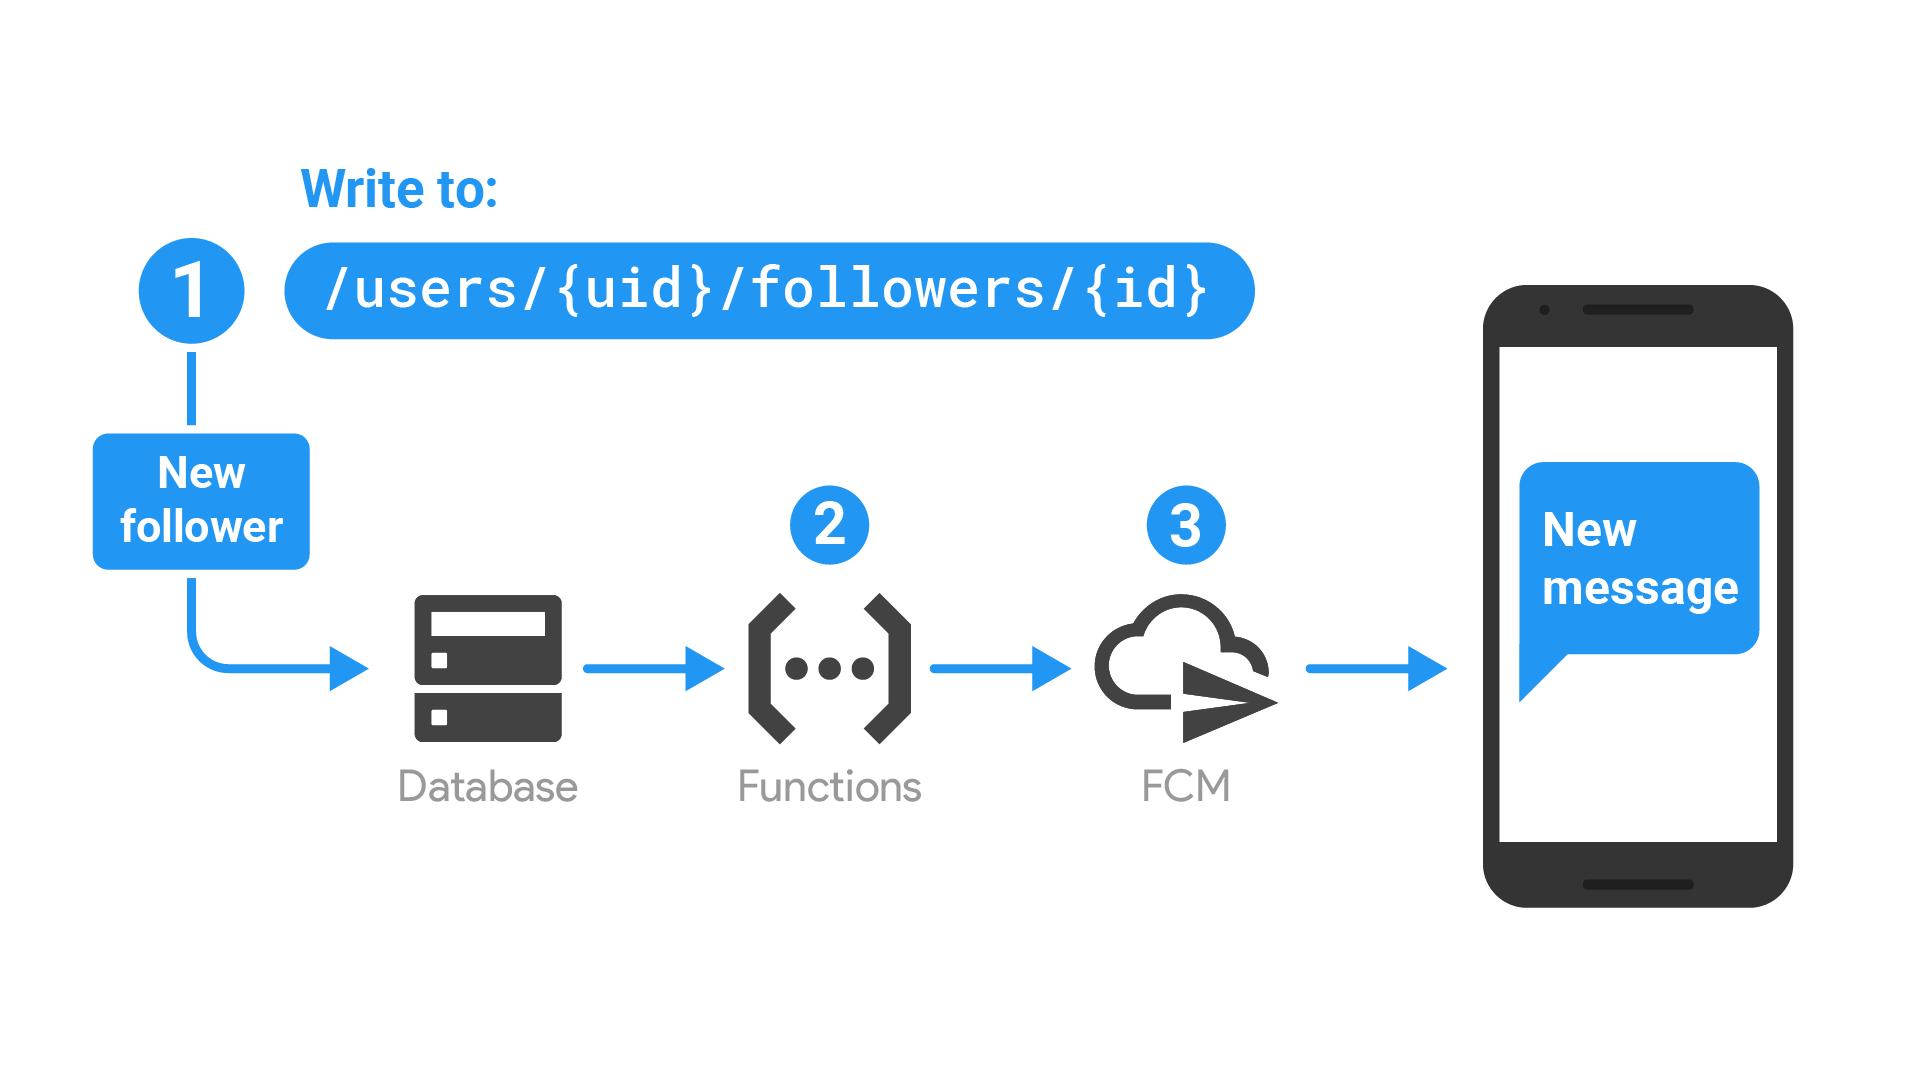 展示如下所述的应用流程的示意图